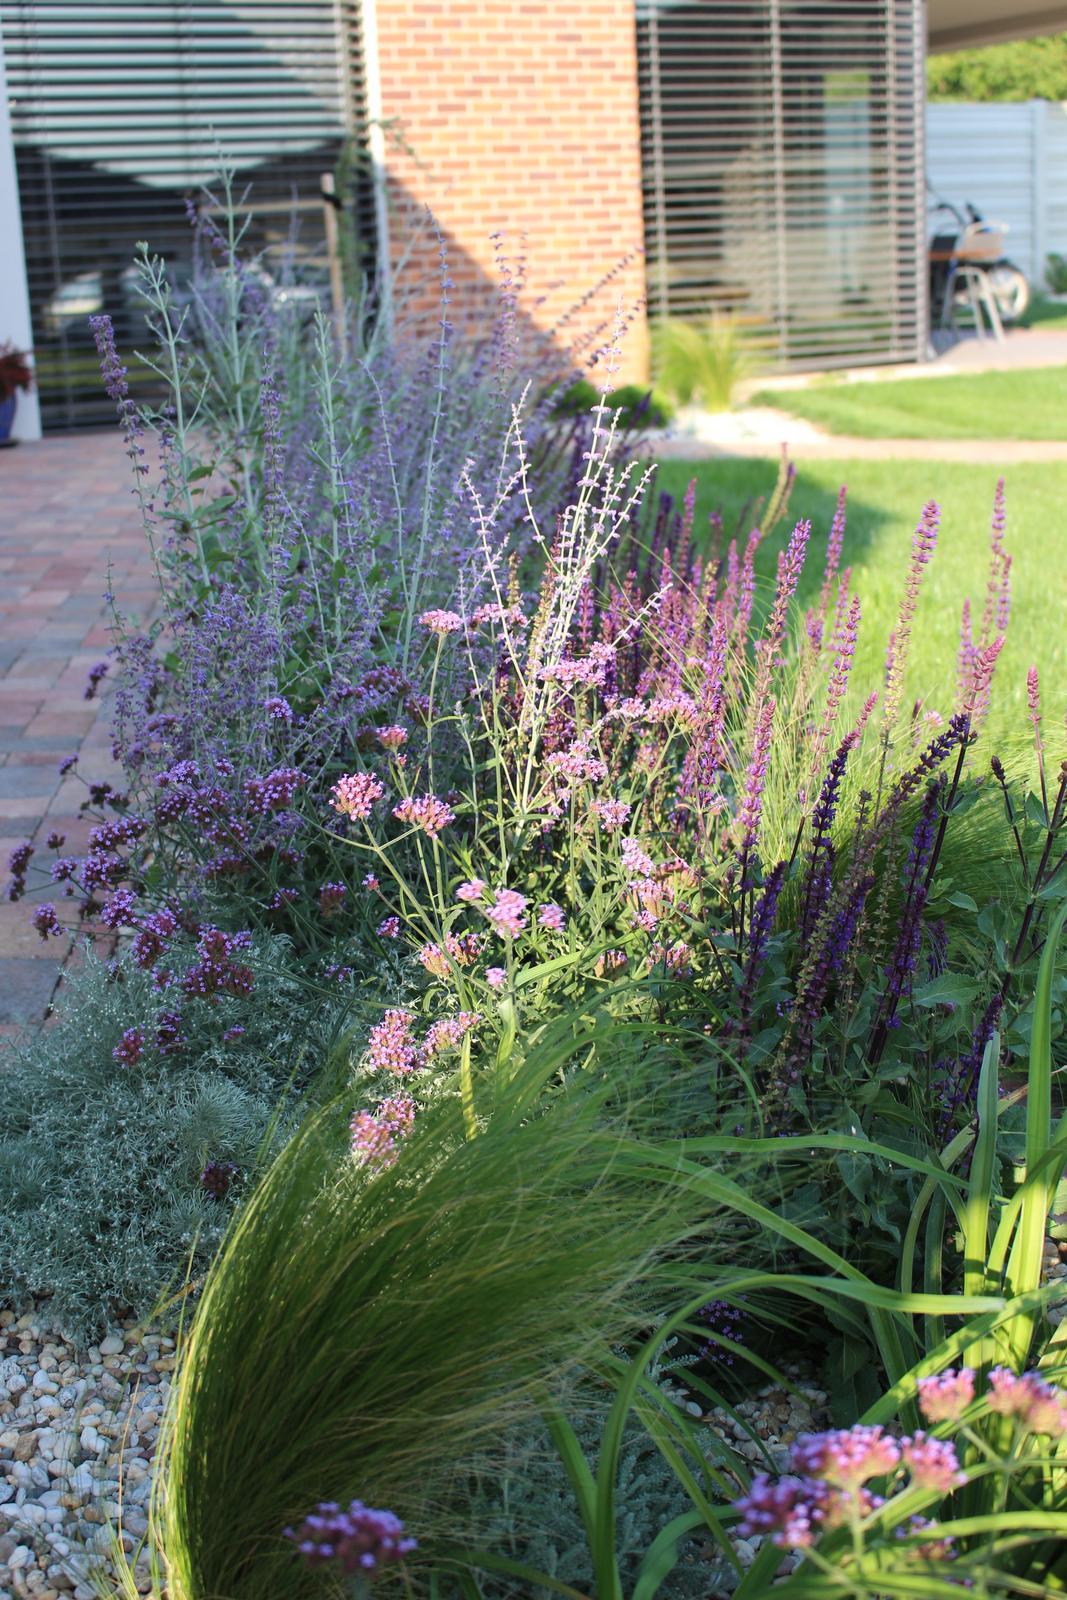 Exteriér - záhrada - Po 2 mesiacoch od výsadby